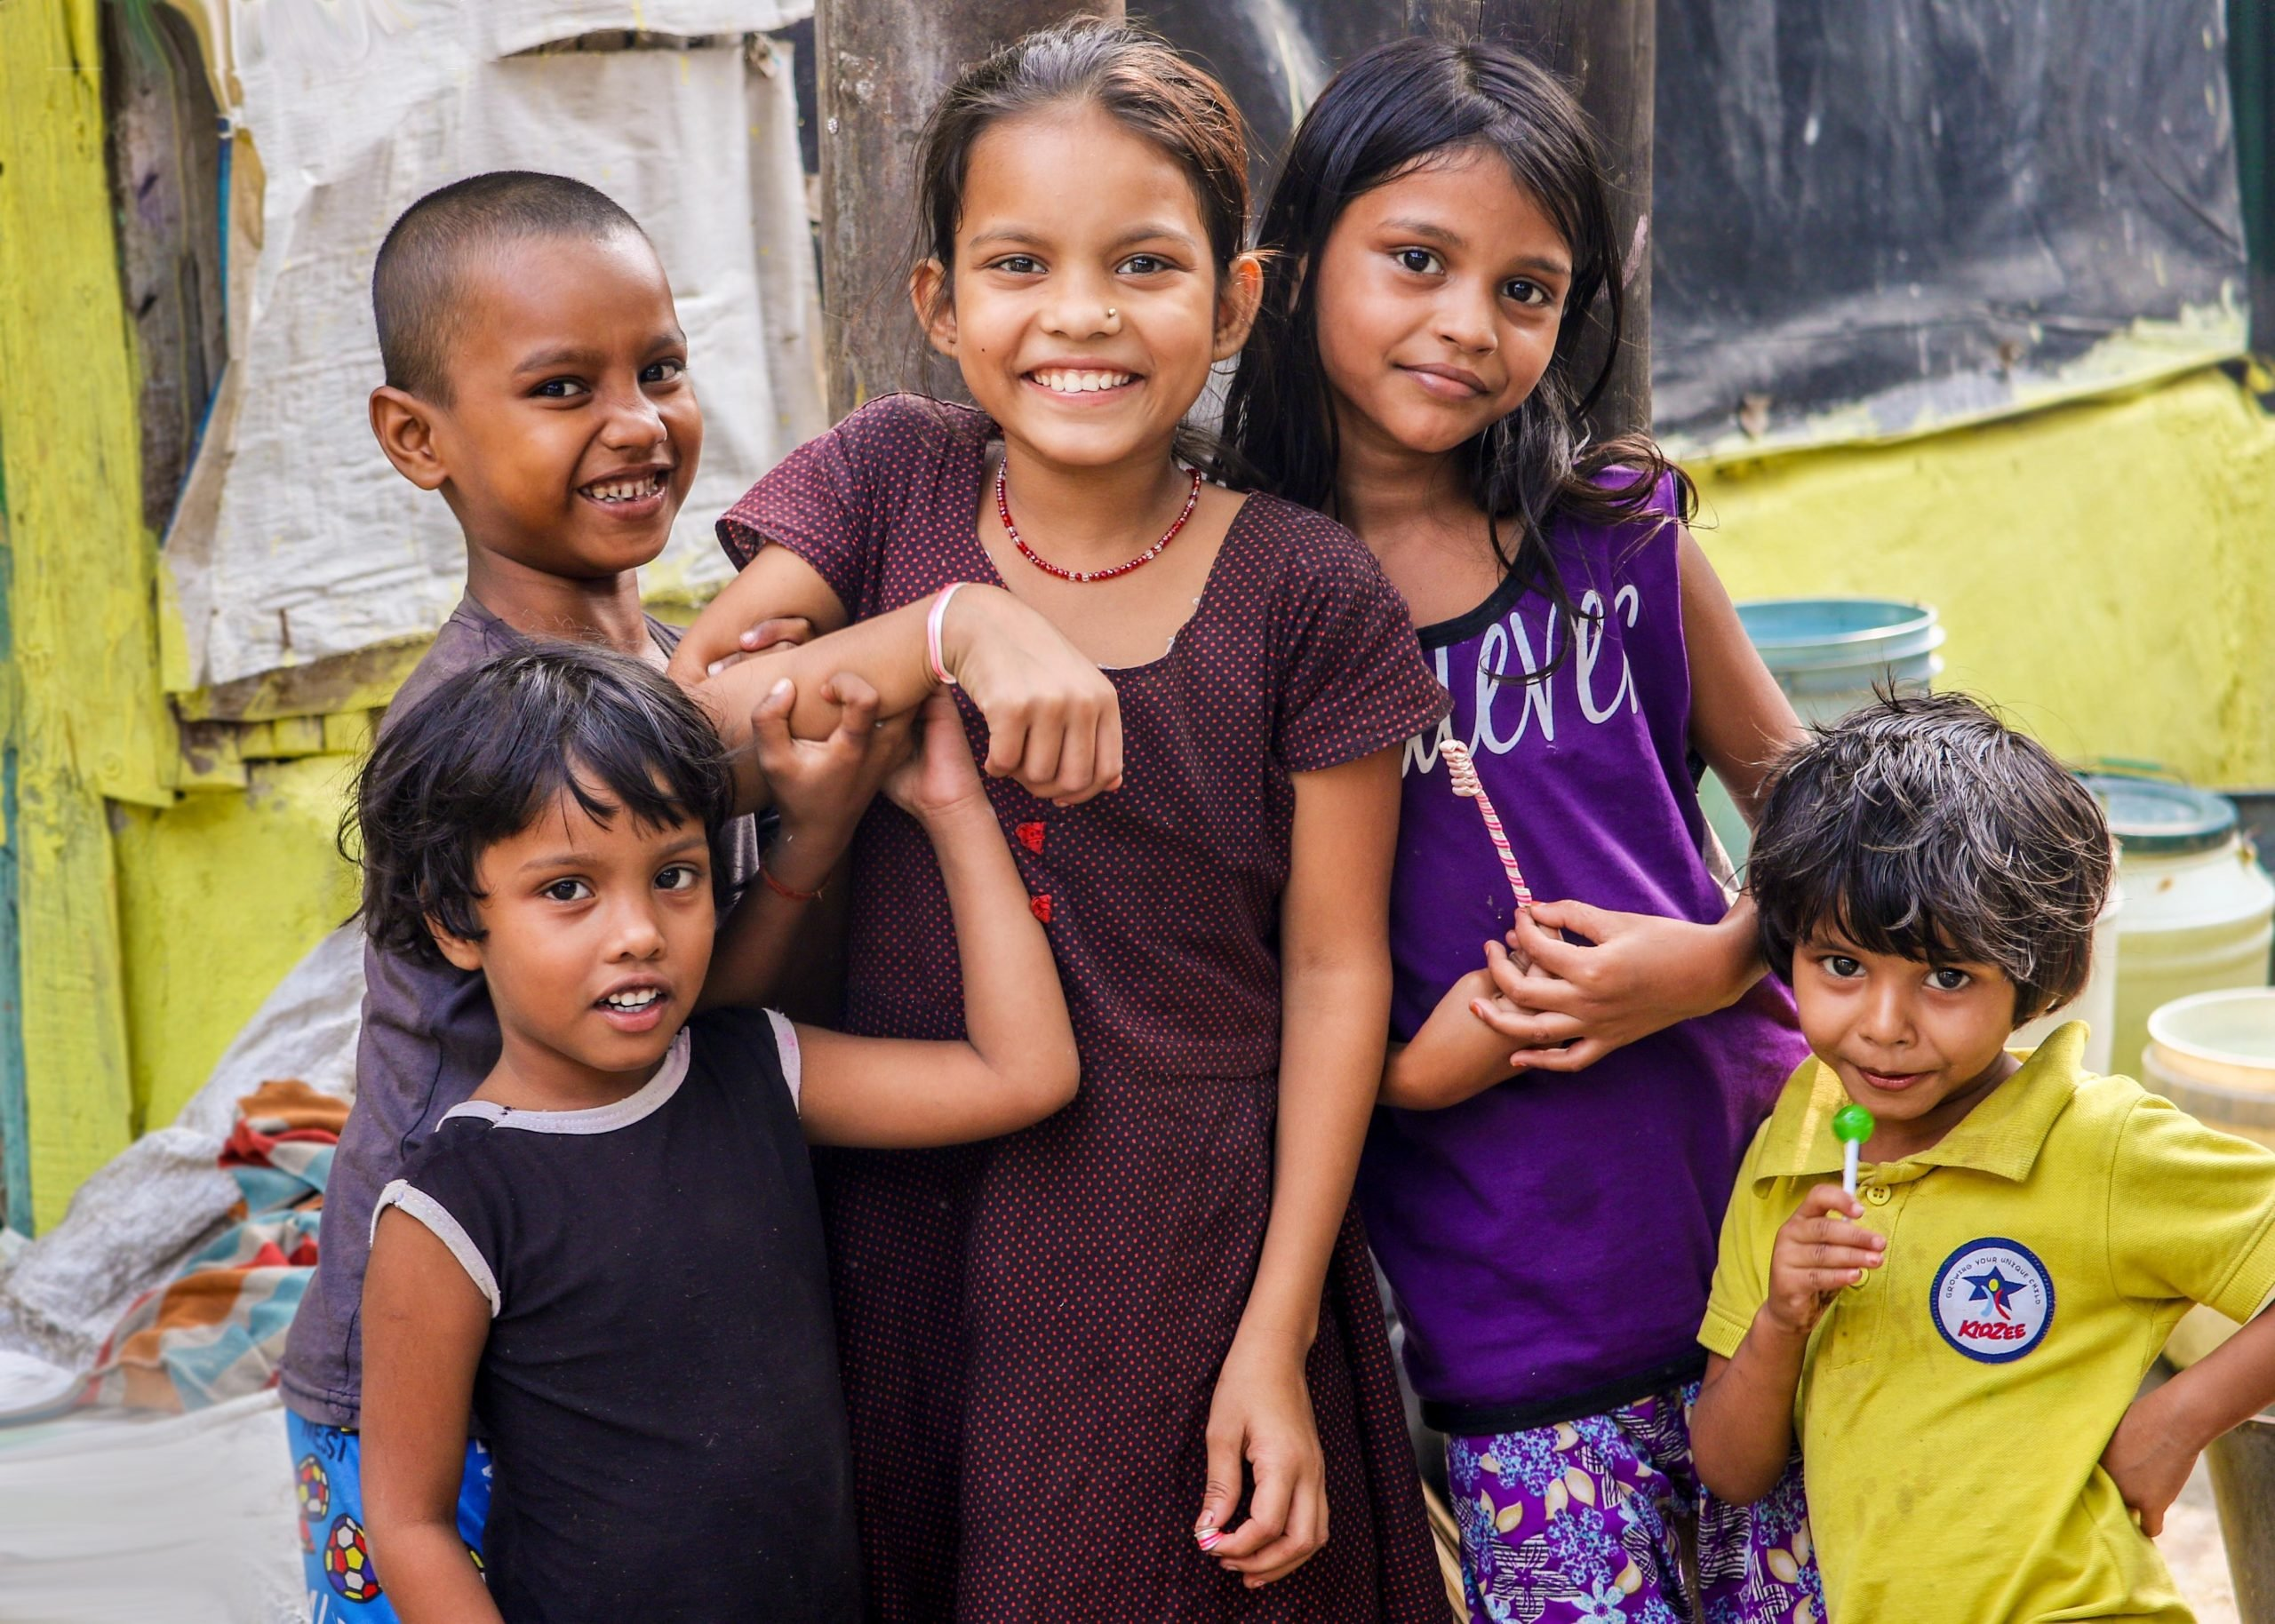 Putovanje Indija - Srce Indije (12)